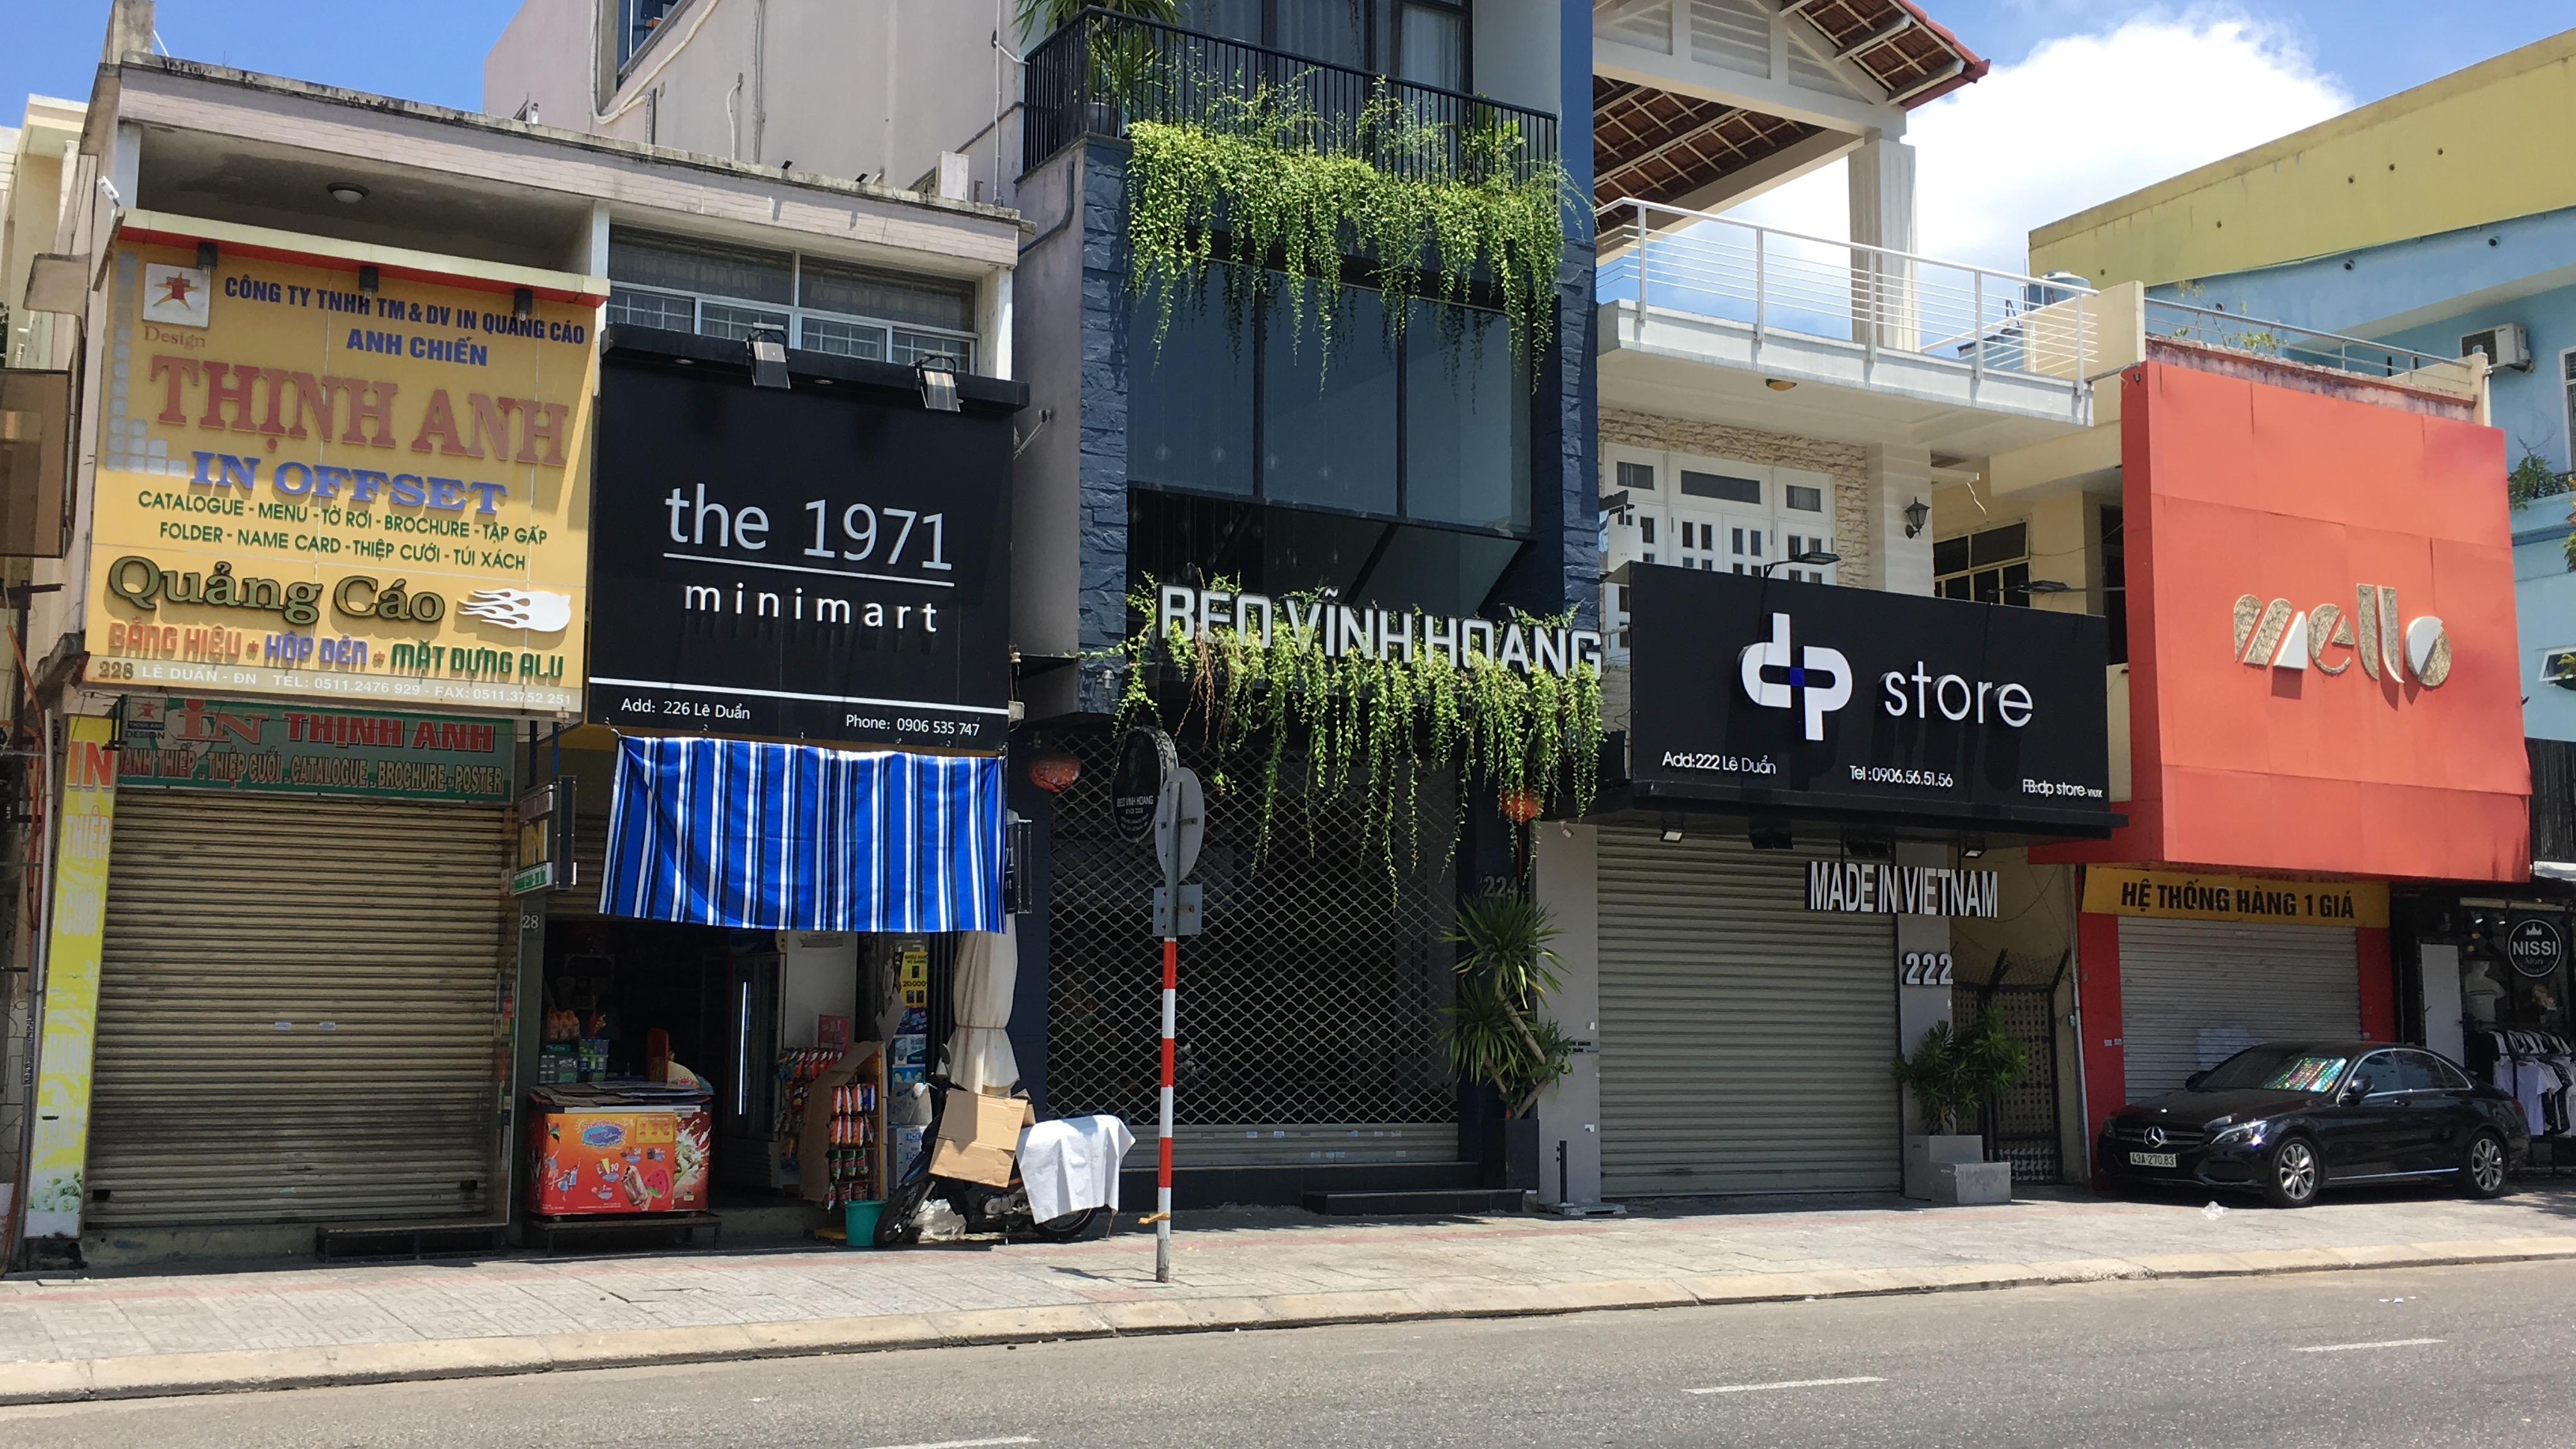 Đà Nẵng nới lỏng giãn cách xã hội: Phố thời trang vẫn đóng cửa không kinh doanh, trong khi hàng quán bán thức ăn mang về đông - Ảnh 4.